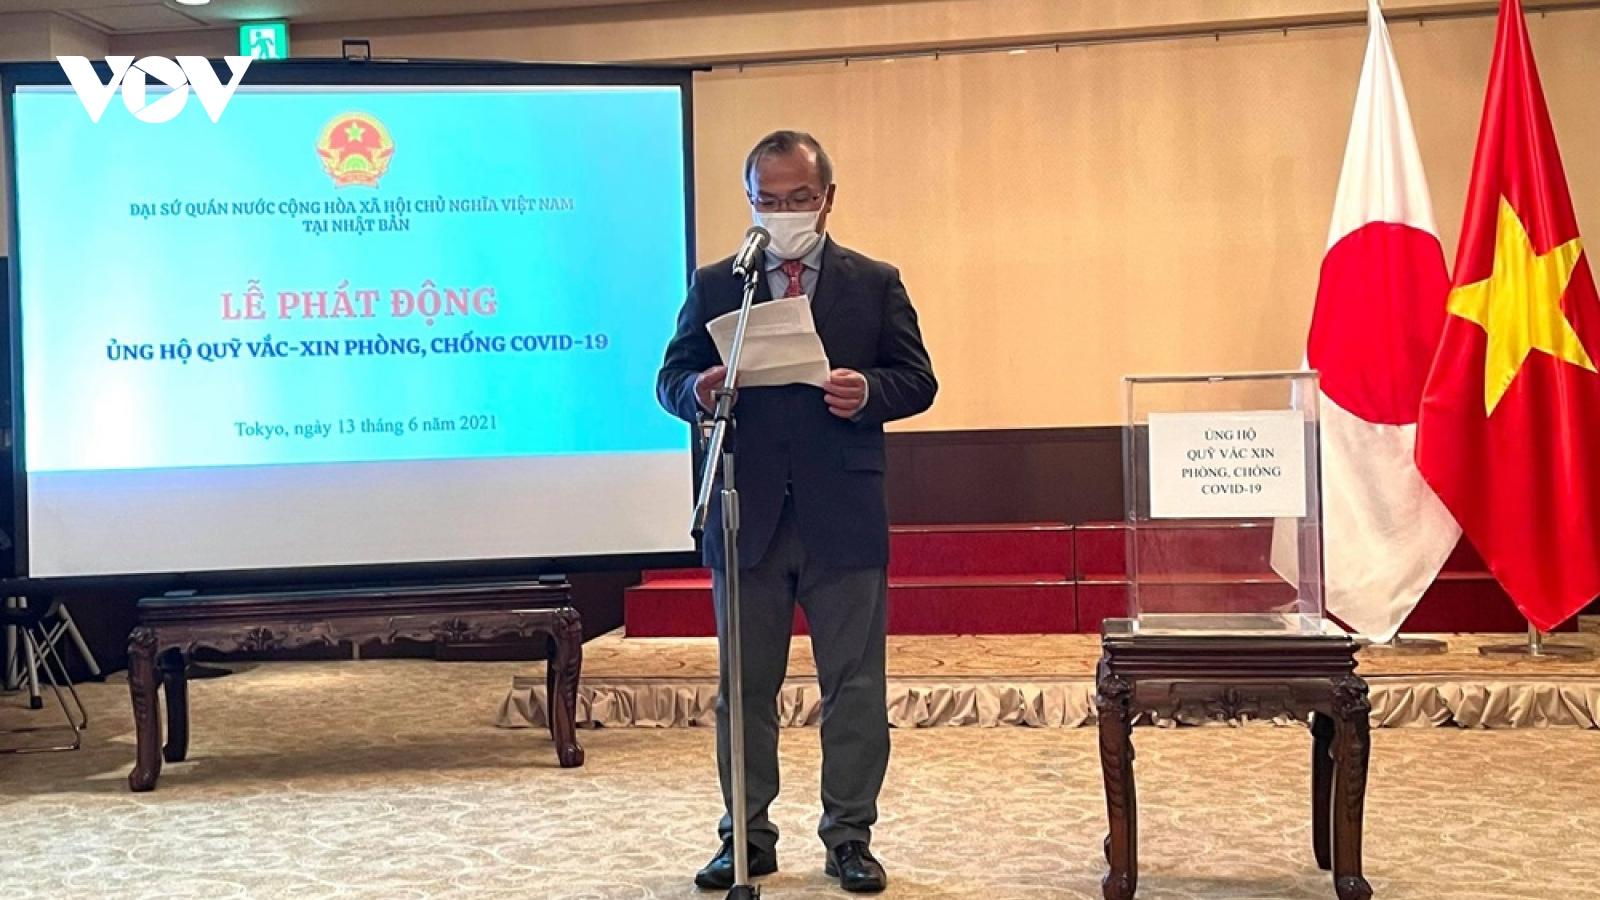 ĐSQ Việt Nam tại Nhật Bản phát động ủng hộ quỹ vaccine phòng chống Covid-19